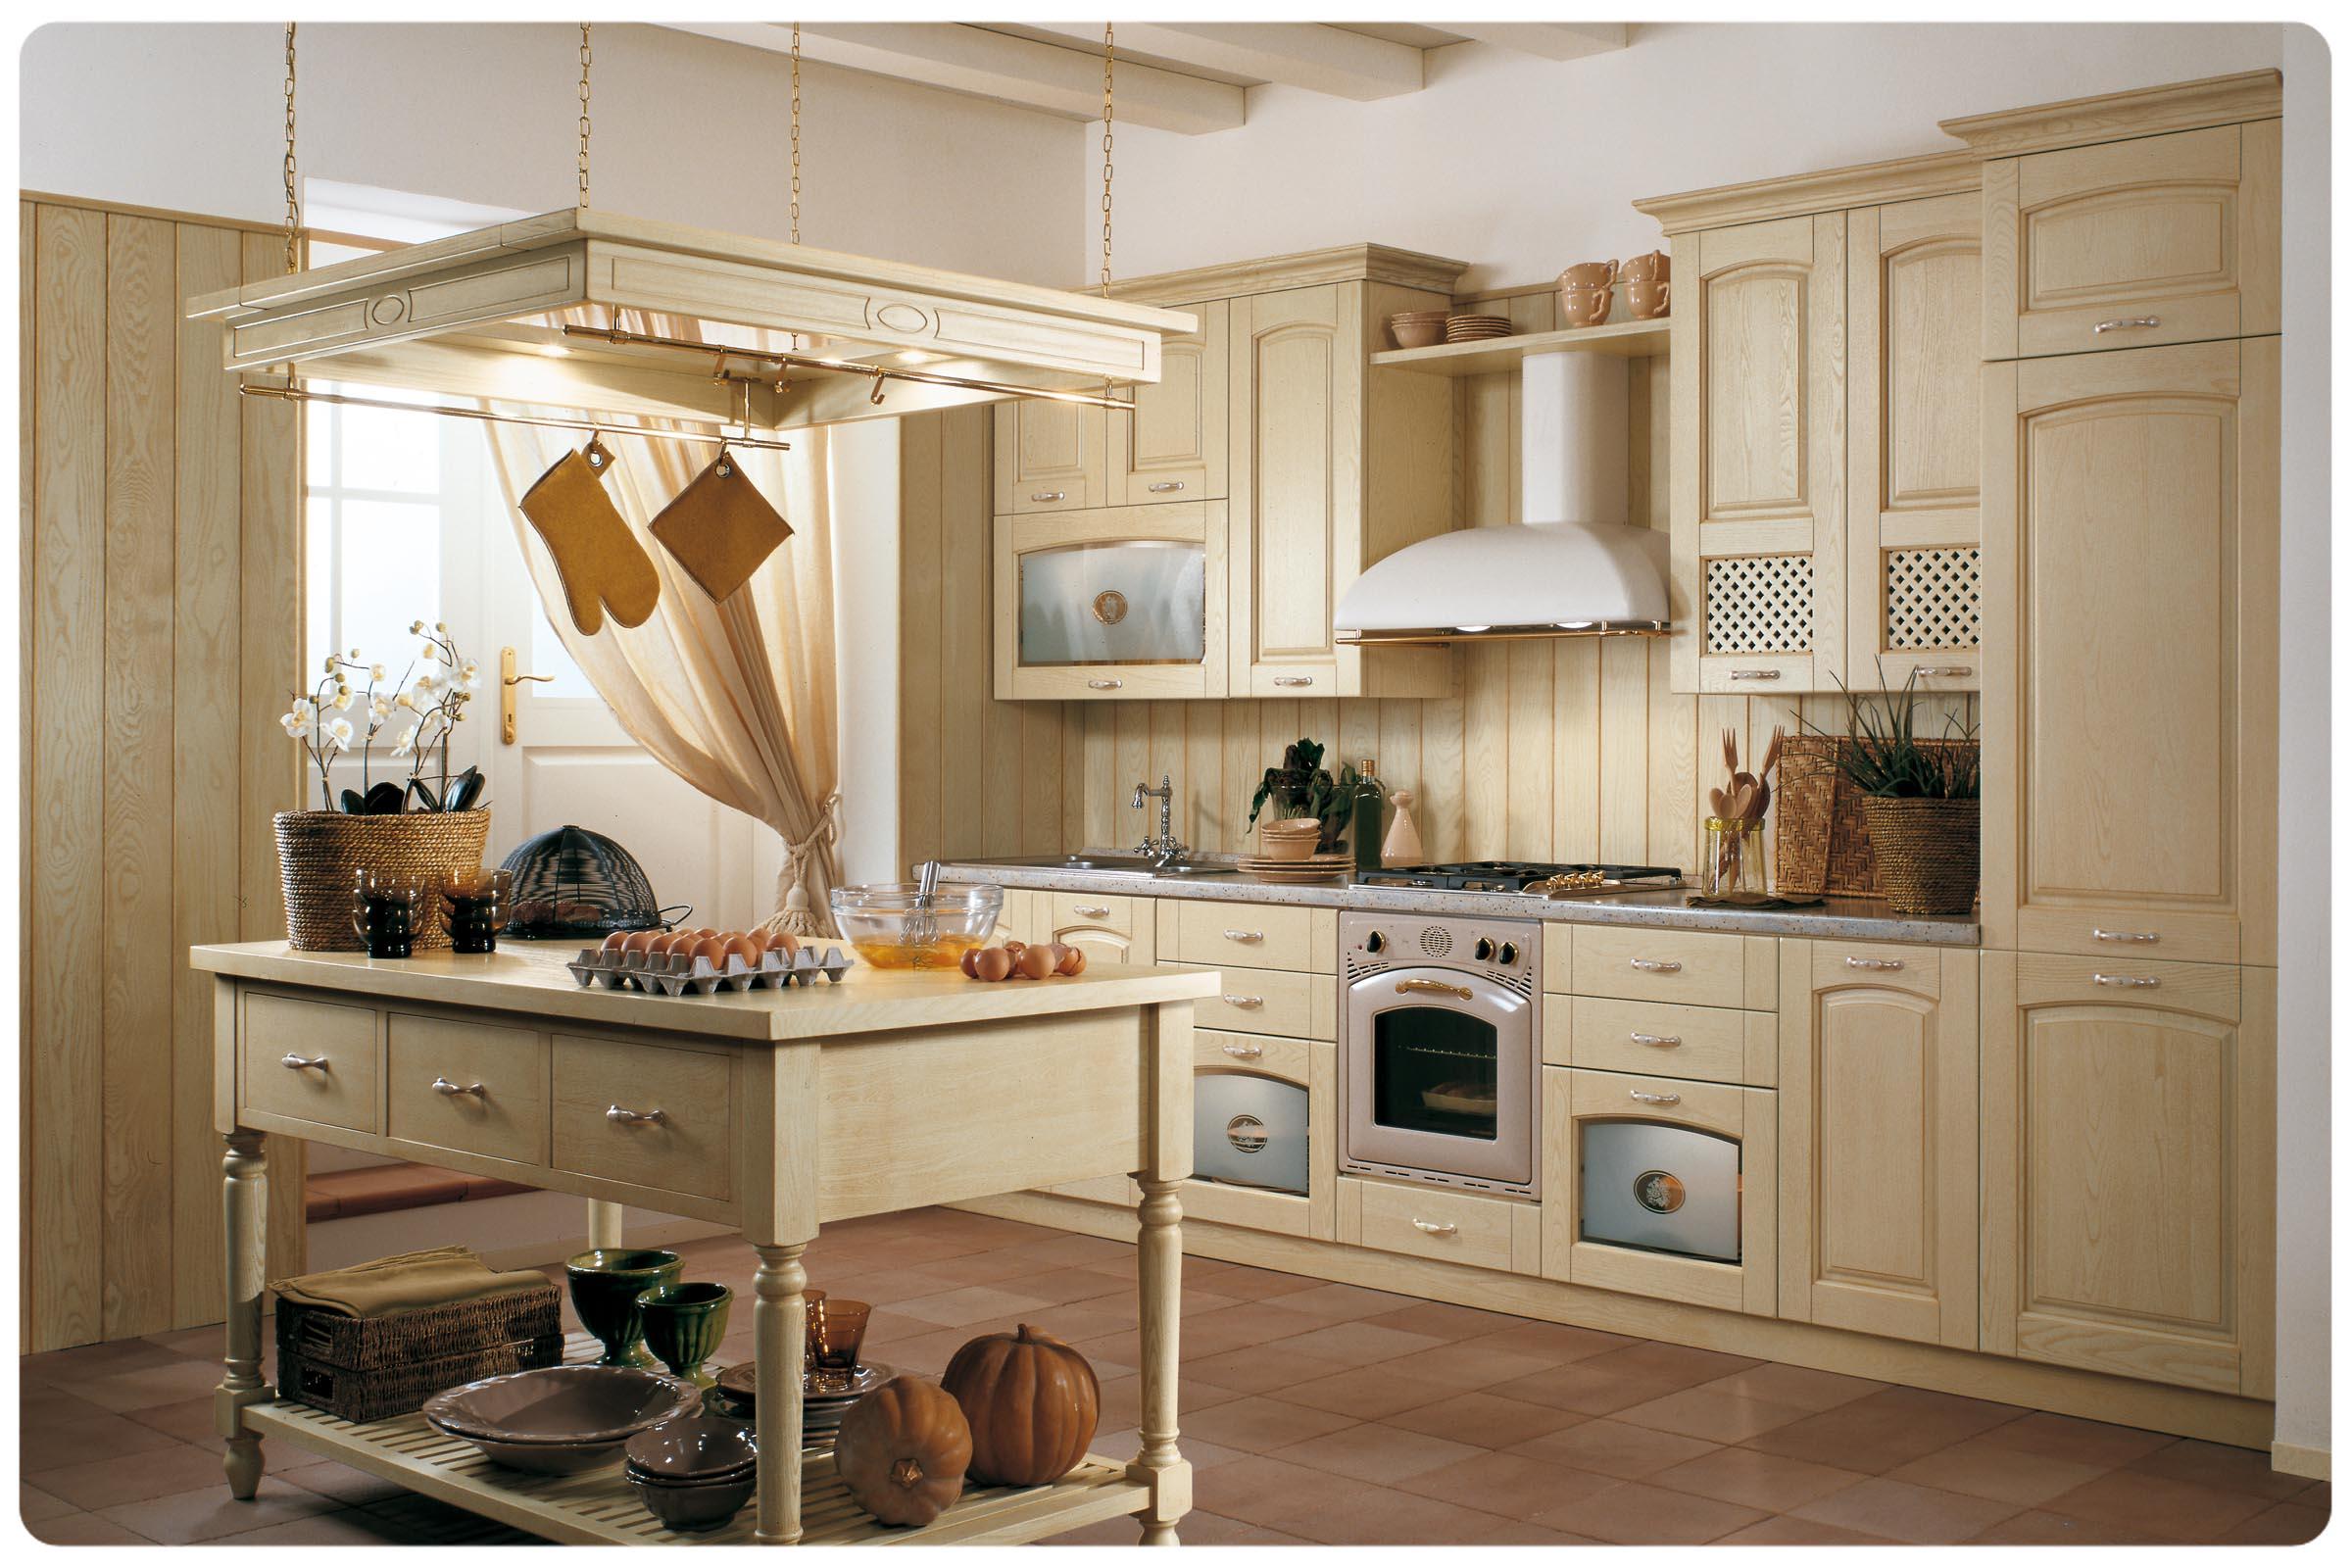 Cucine componibili in stile classico e contemporaneo -Gruppo Gradi